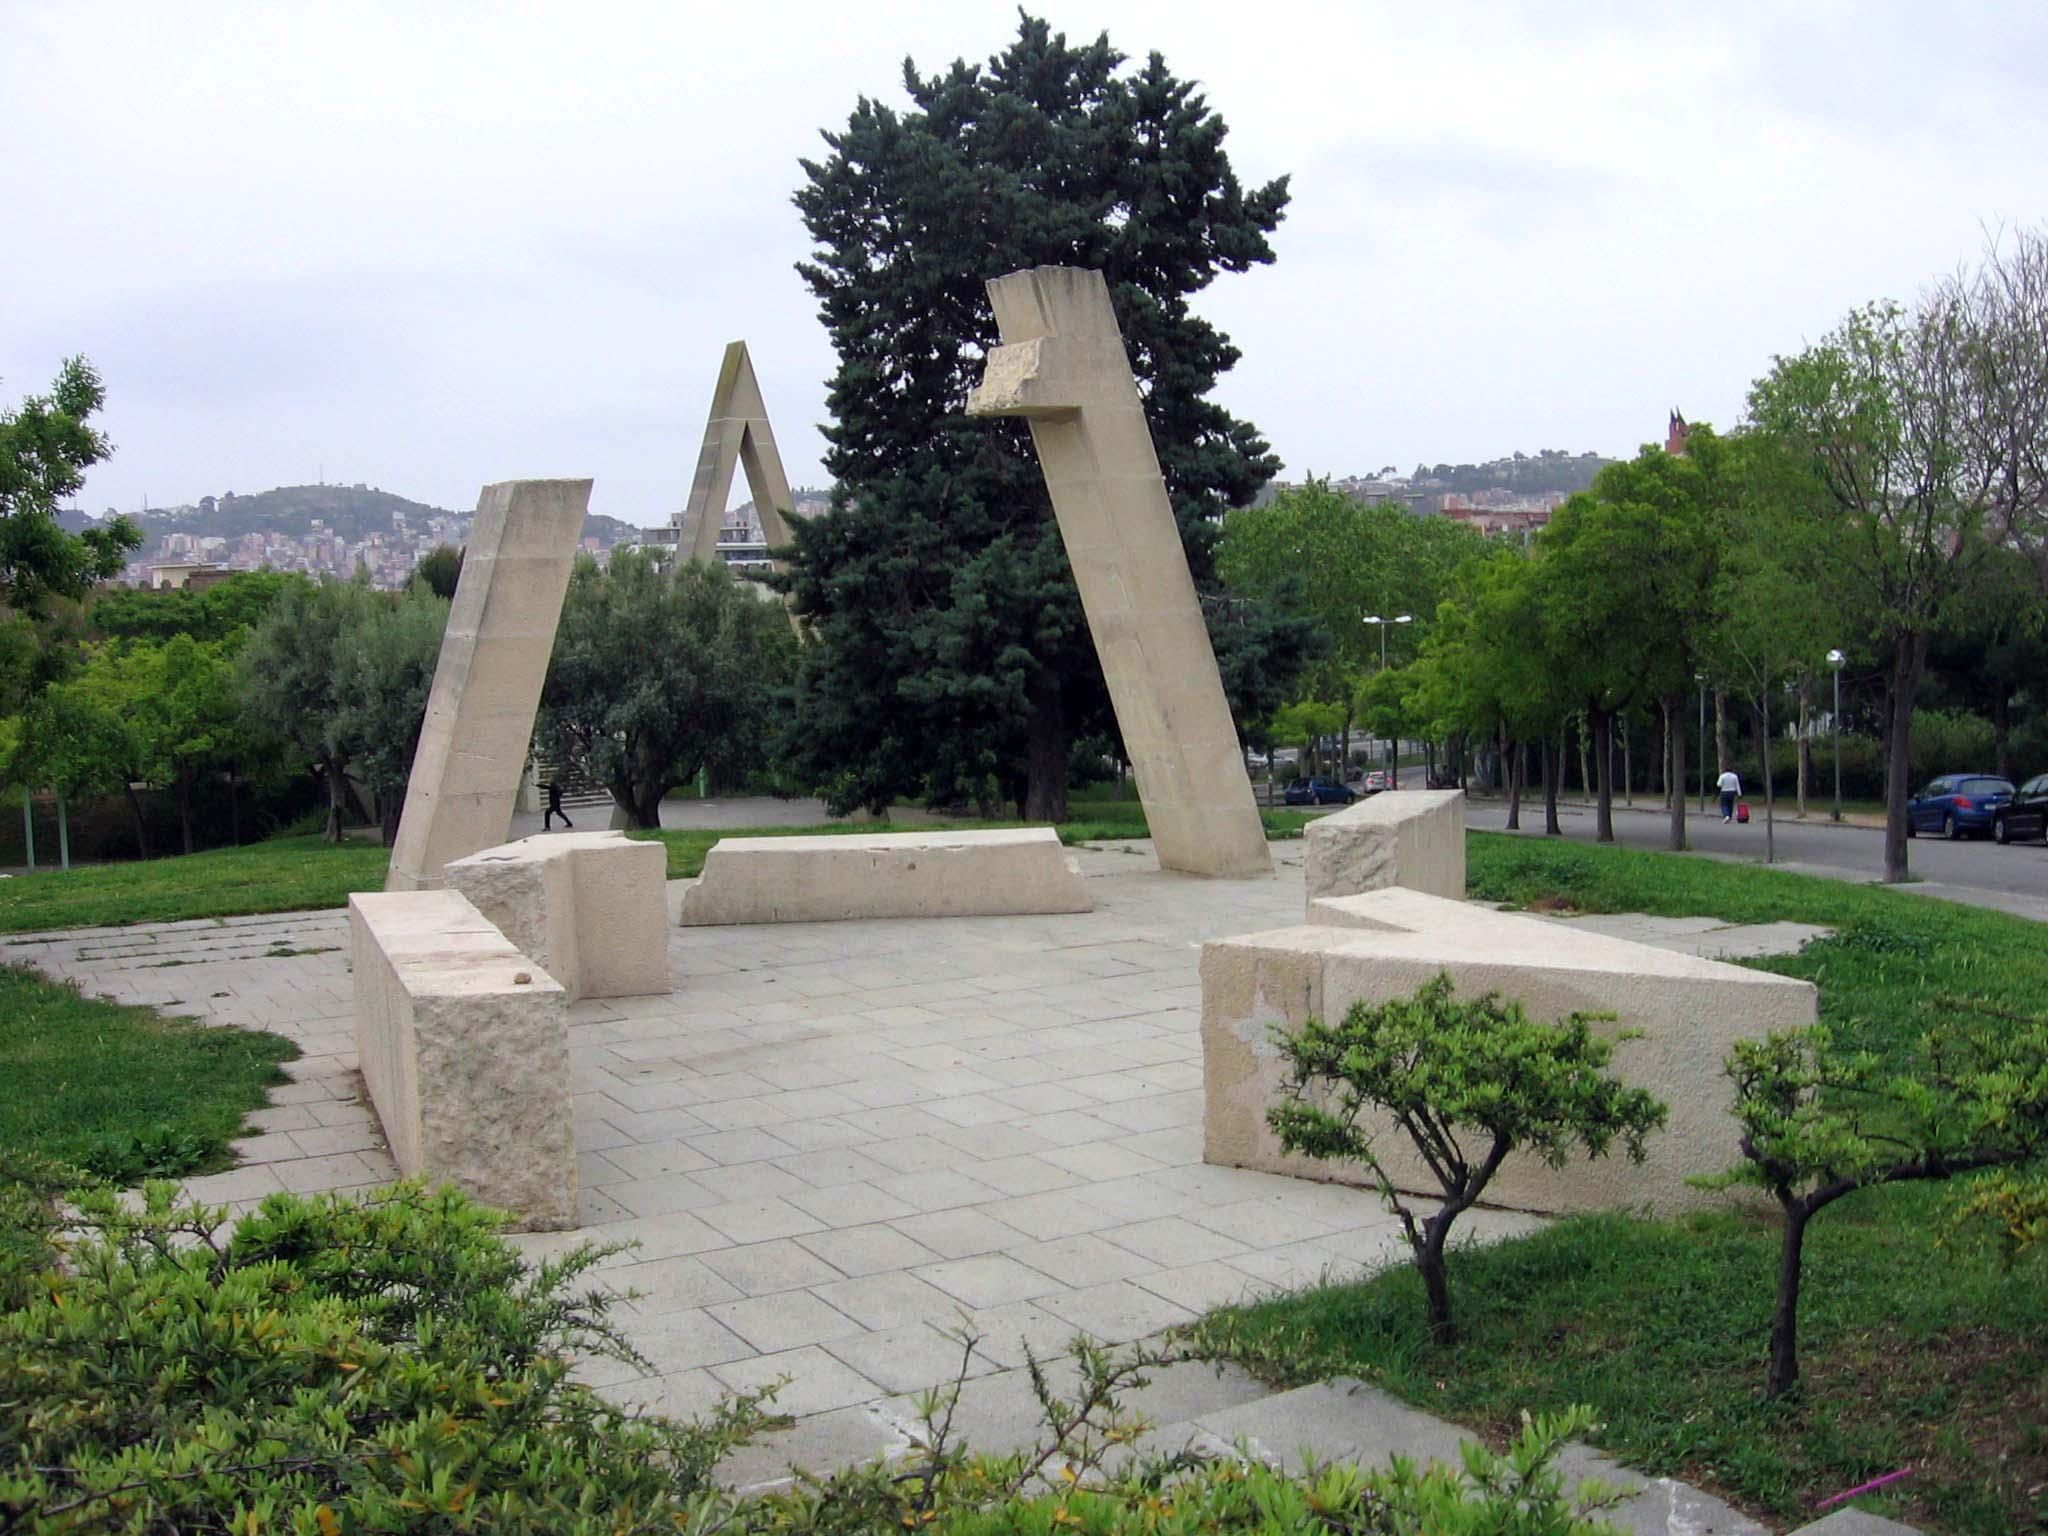 Joan Brossa: Poema visual transitable en tres tiempos: Nacimiento, camino —con pausas y entonaciones— y destrucción. Barcelona, Velódromo de Horta.